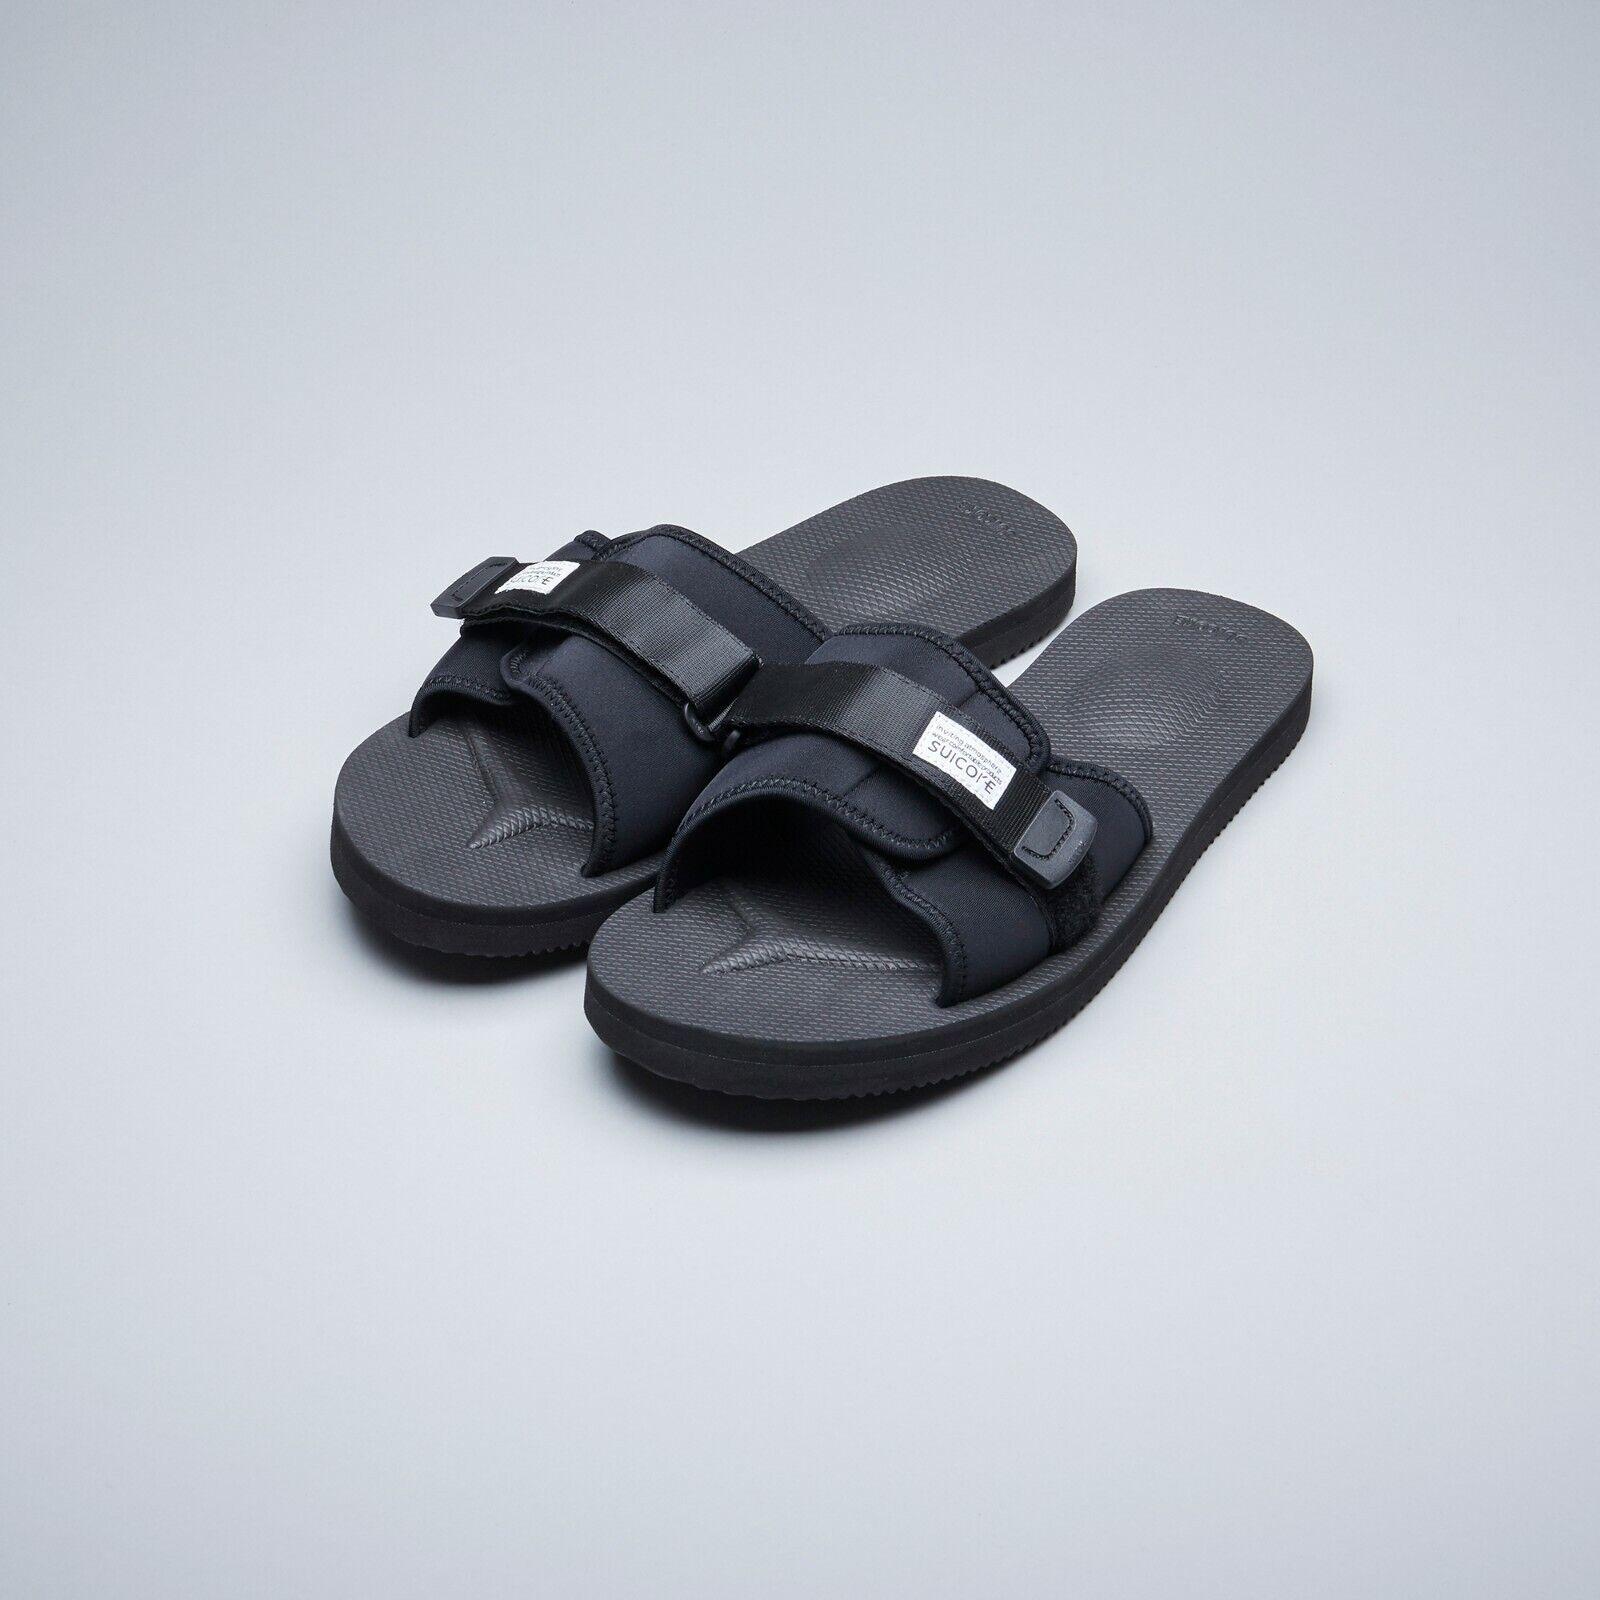 Suicoke OG-082 Padri Negro De Goma Nylon Ajustable Zapatillas Diapositivas